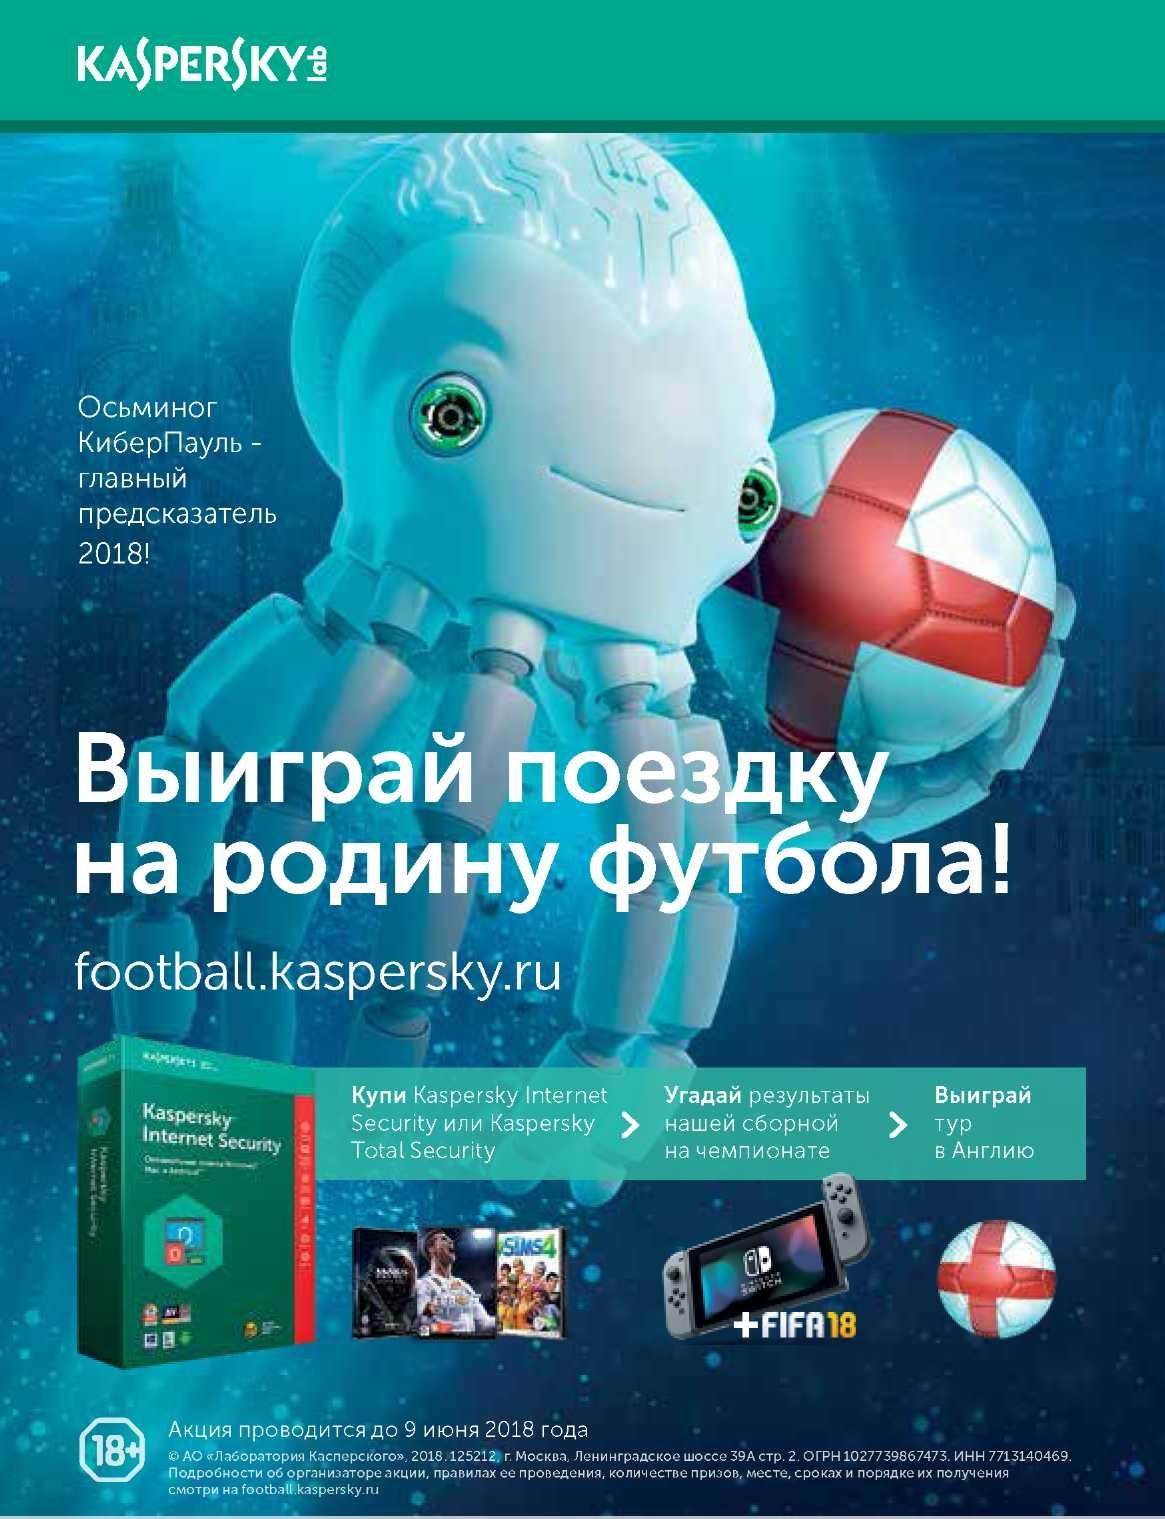 Купить Kaspersky Internet Security: ПРОДЛЕНИE* на 2 устр. RU